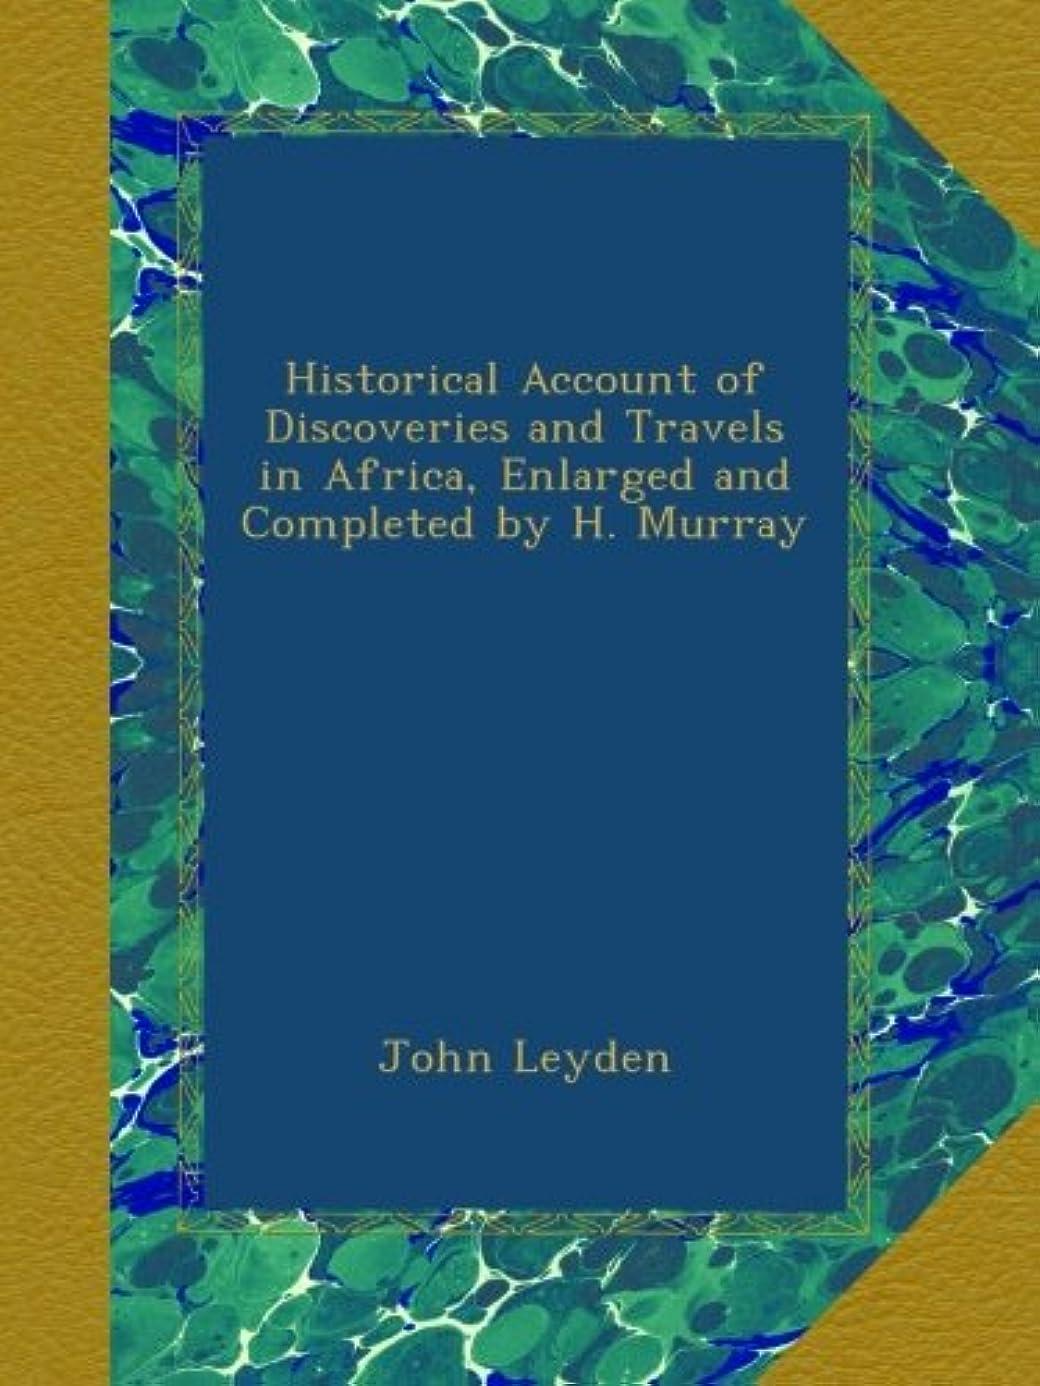 ハンディシーズンメディックHistorical Account of Discoveries and Travels in Africa, Enlarged and Completed by H. Murray